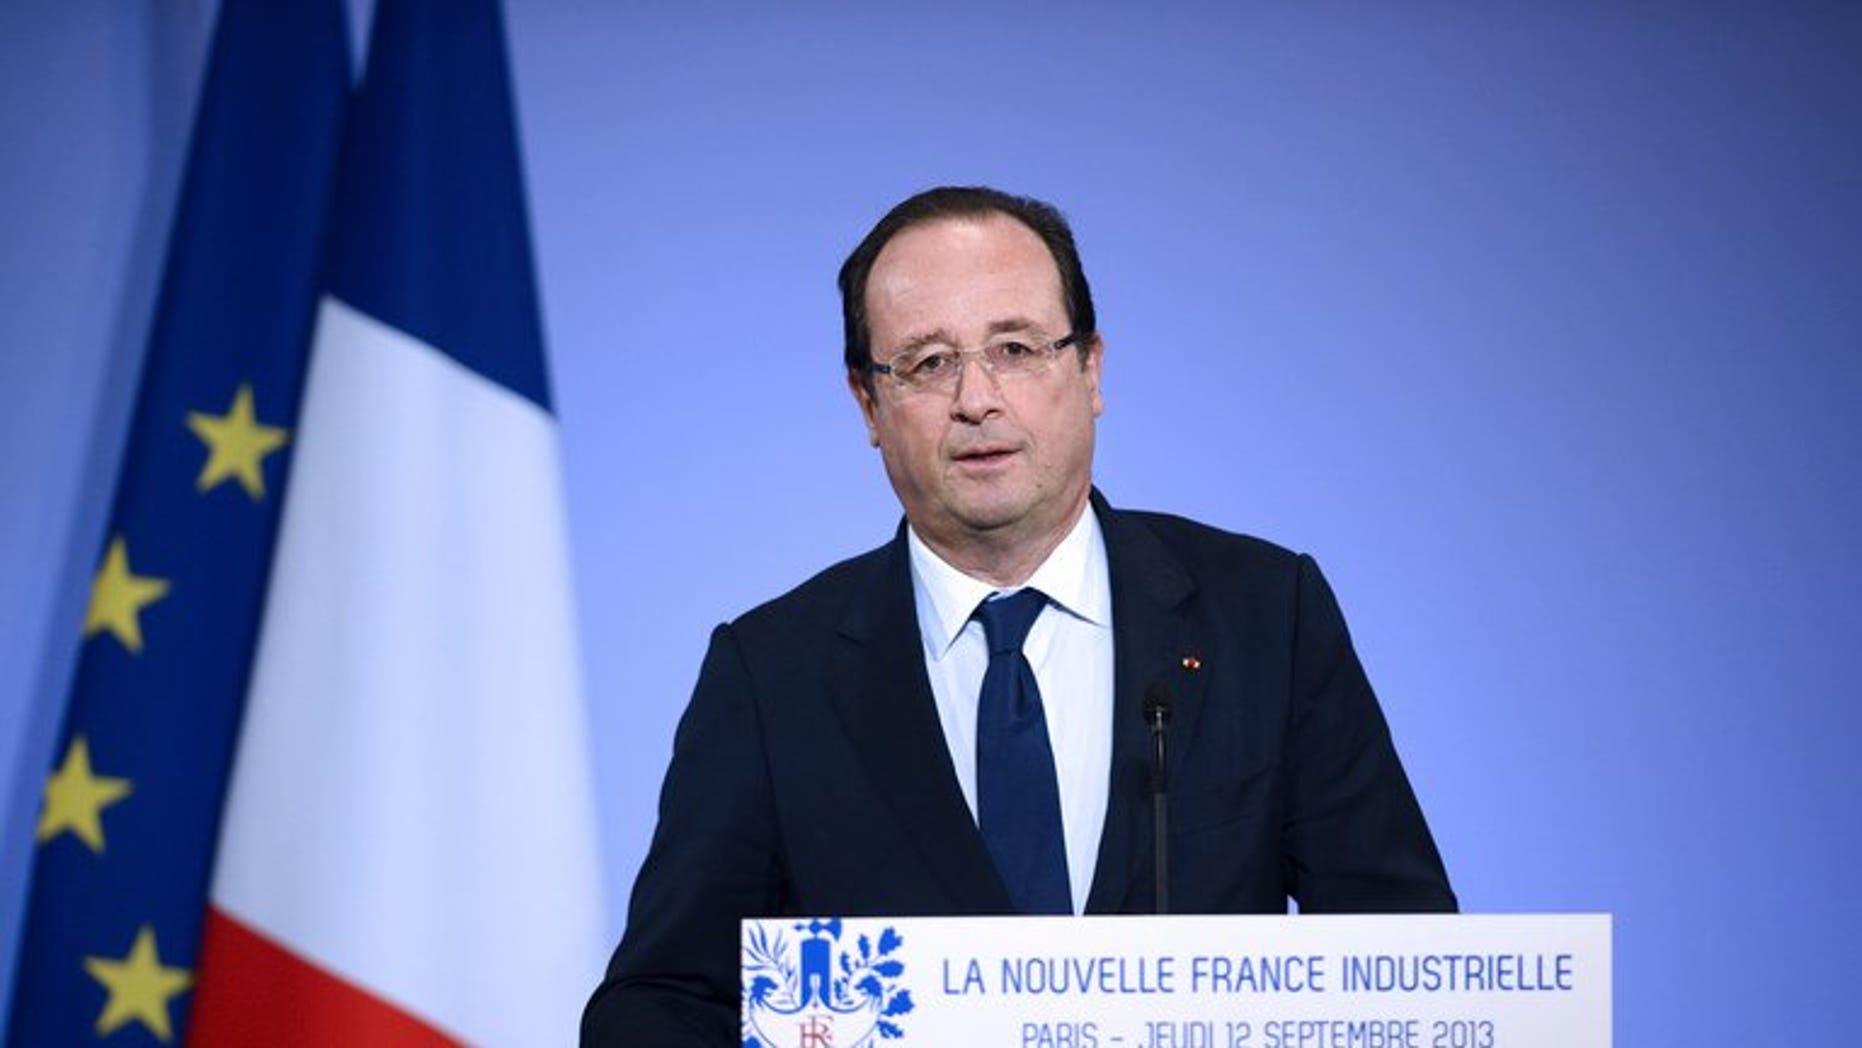 French President Francois Hollande speaks on September 12, 2013 in Paris.